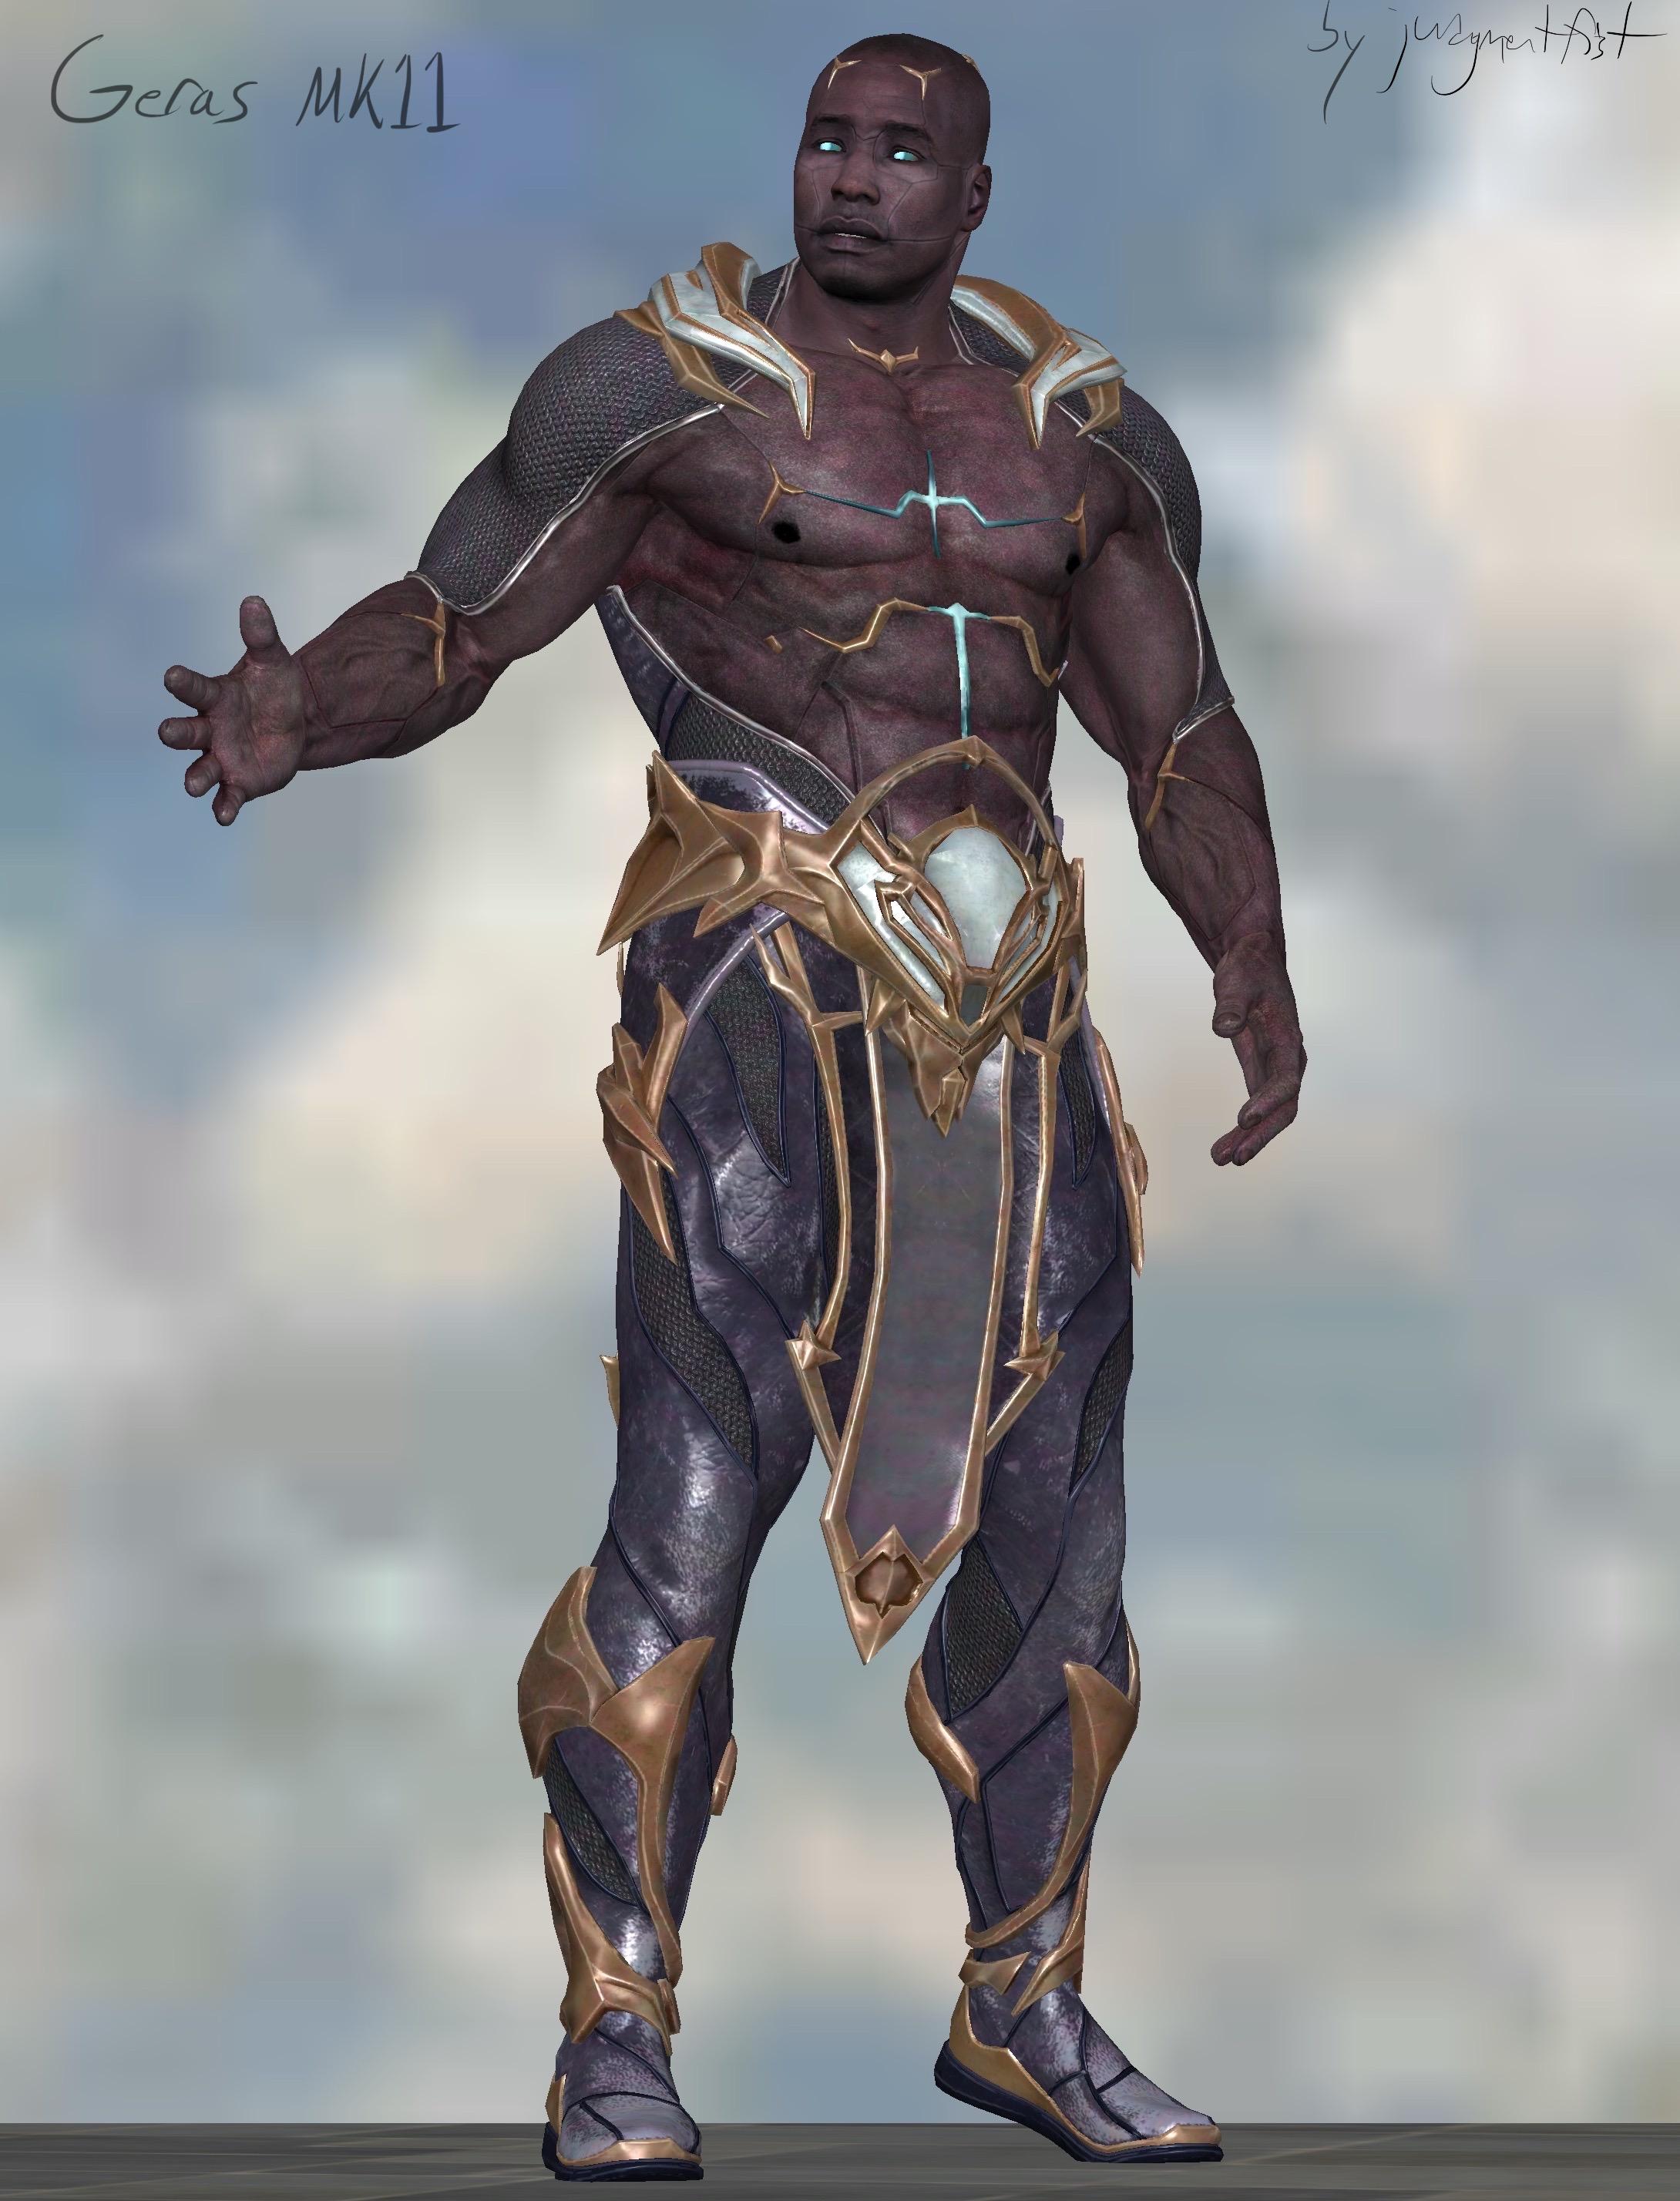 Kano on Mortal-Kombat-Fans - DeviantArt